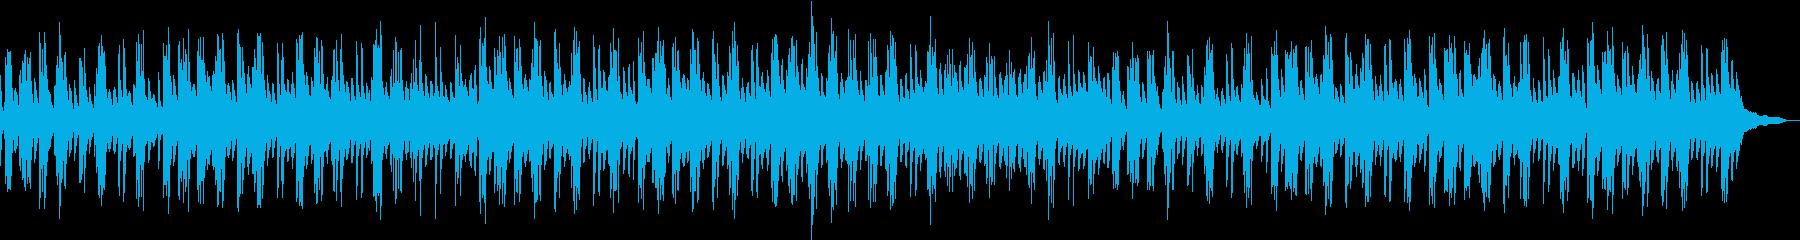 サスペンス風なピアノ音楽の再生済みの波形